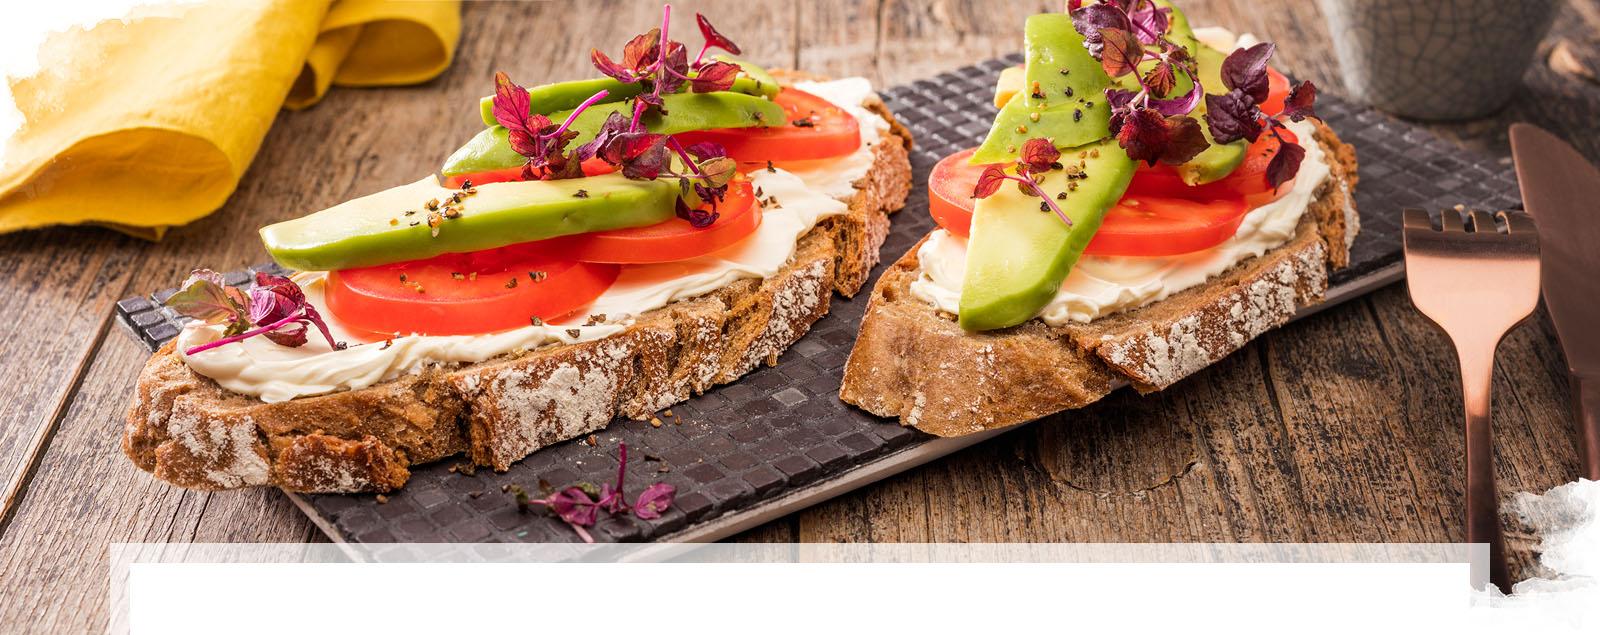 Schnelles Avocado Brot mit Brunch